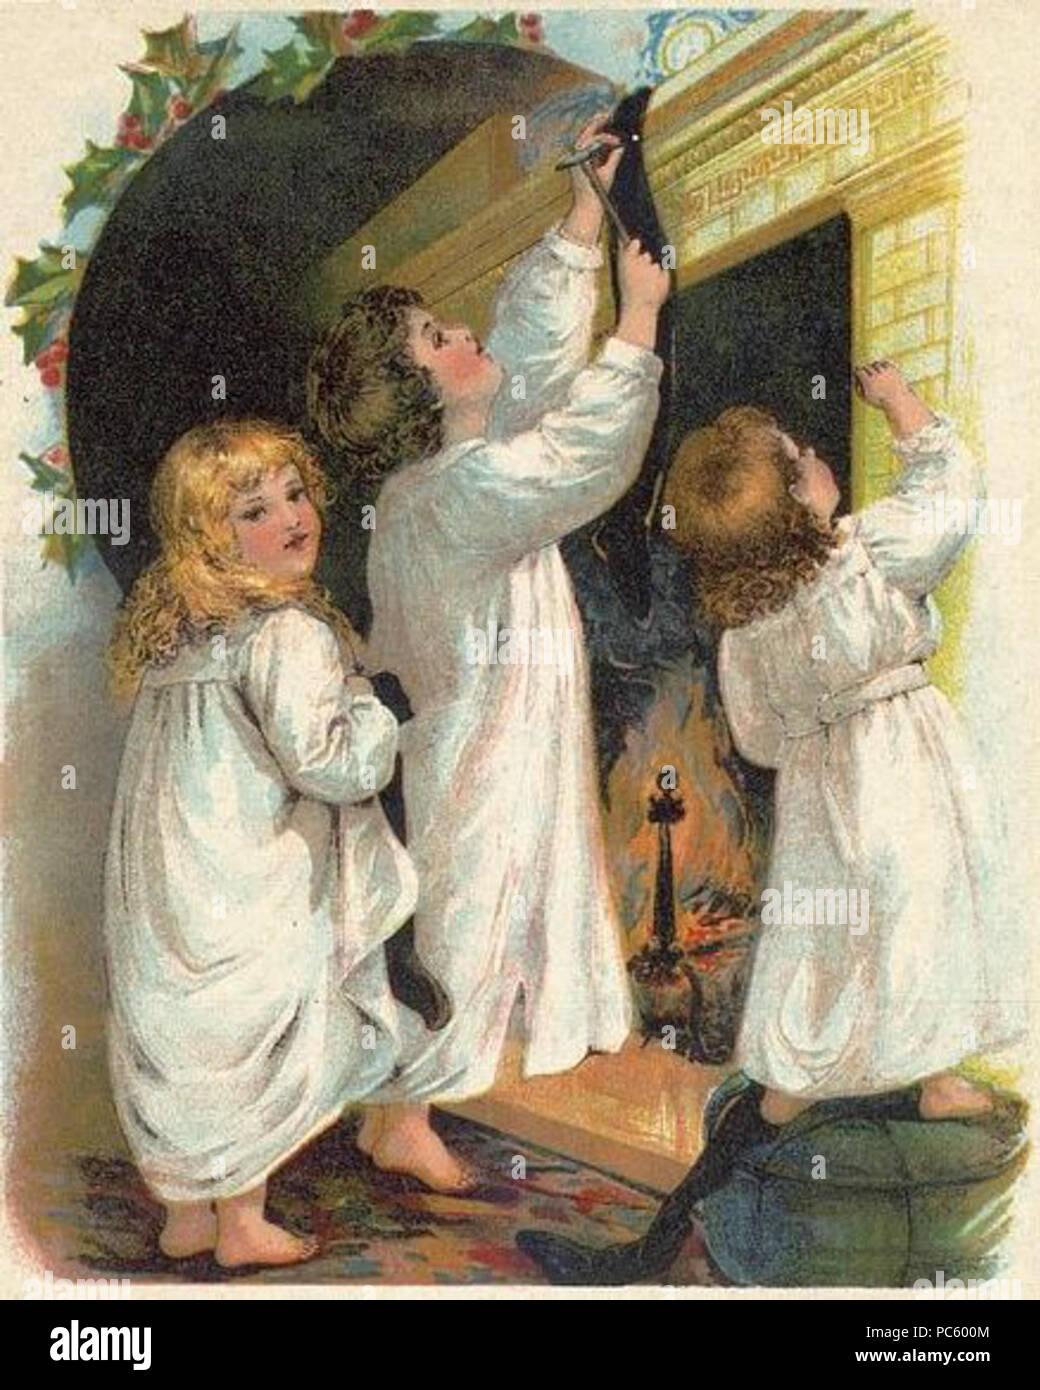 19 Children Hanging Christmas Stockings Stock Photo ...